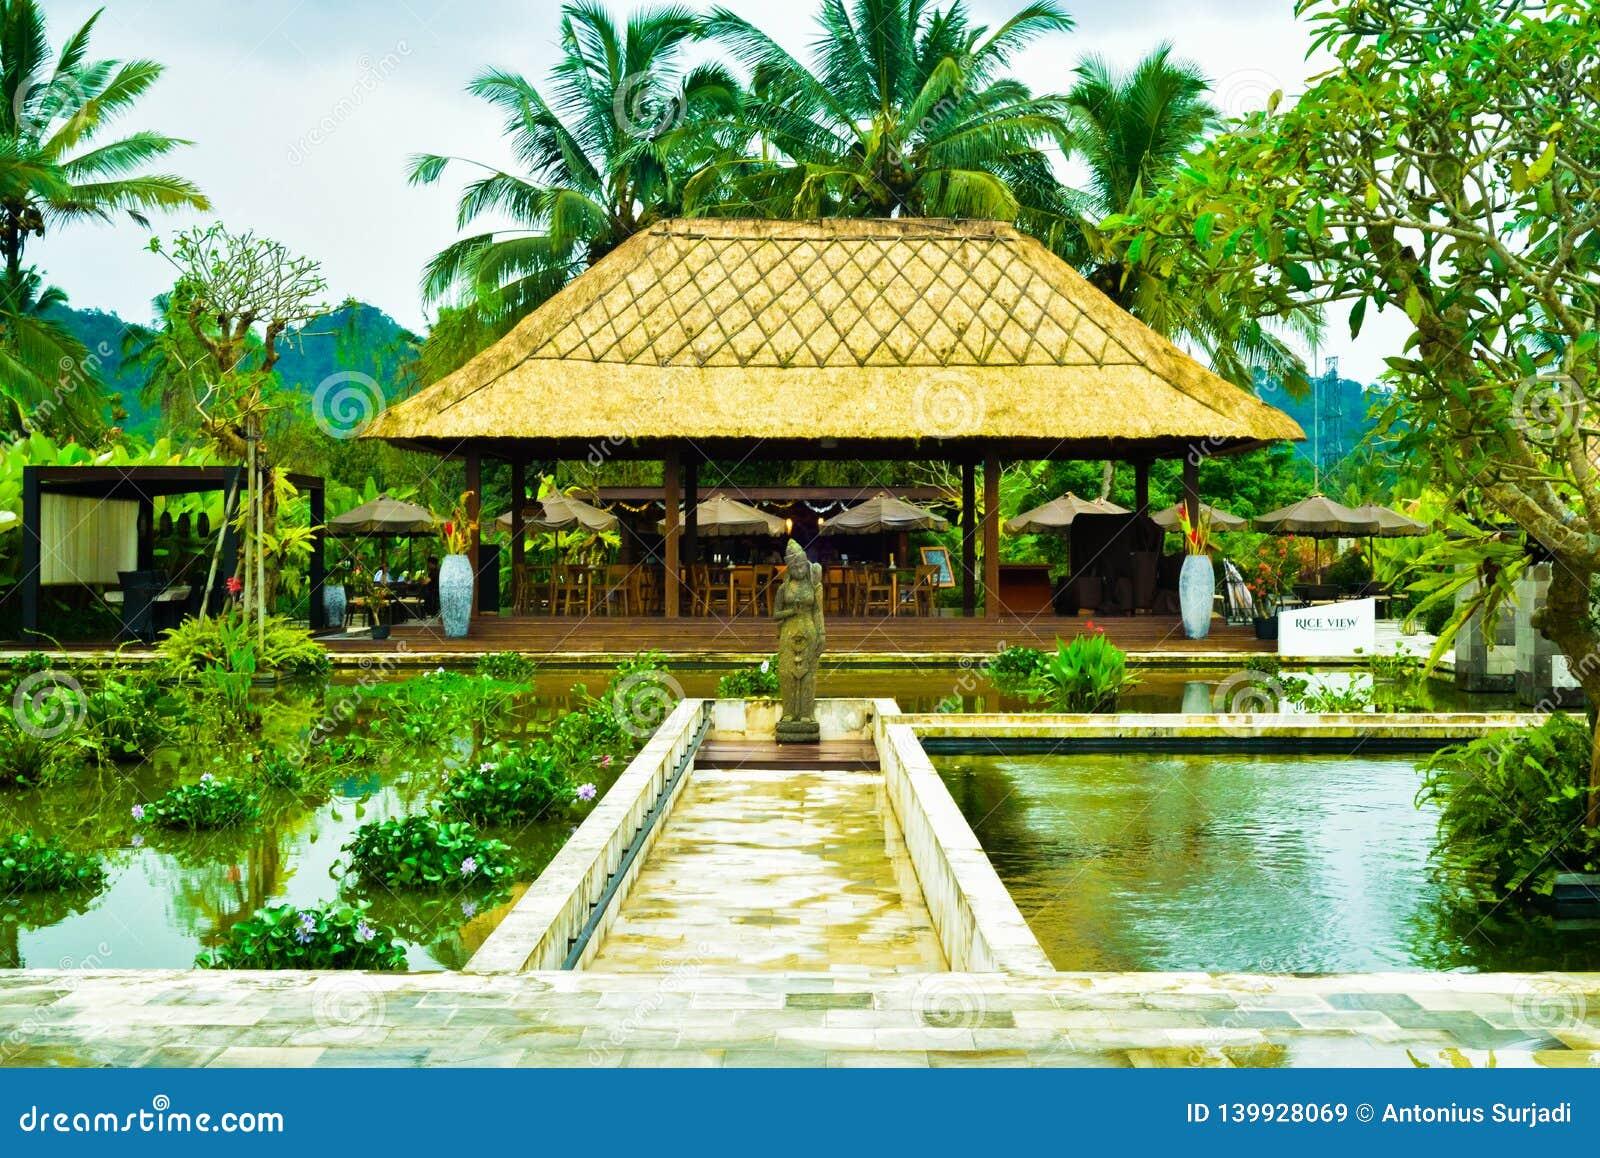 Ideia do recurso tradicional romântico com as lagoas no meio do campo verde do terraço do arroz e das palmeiras altas do coco